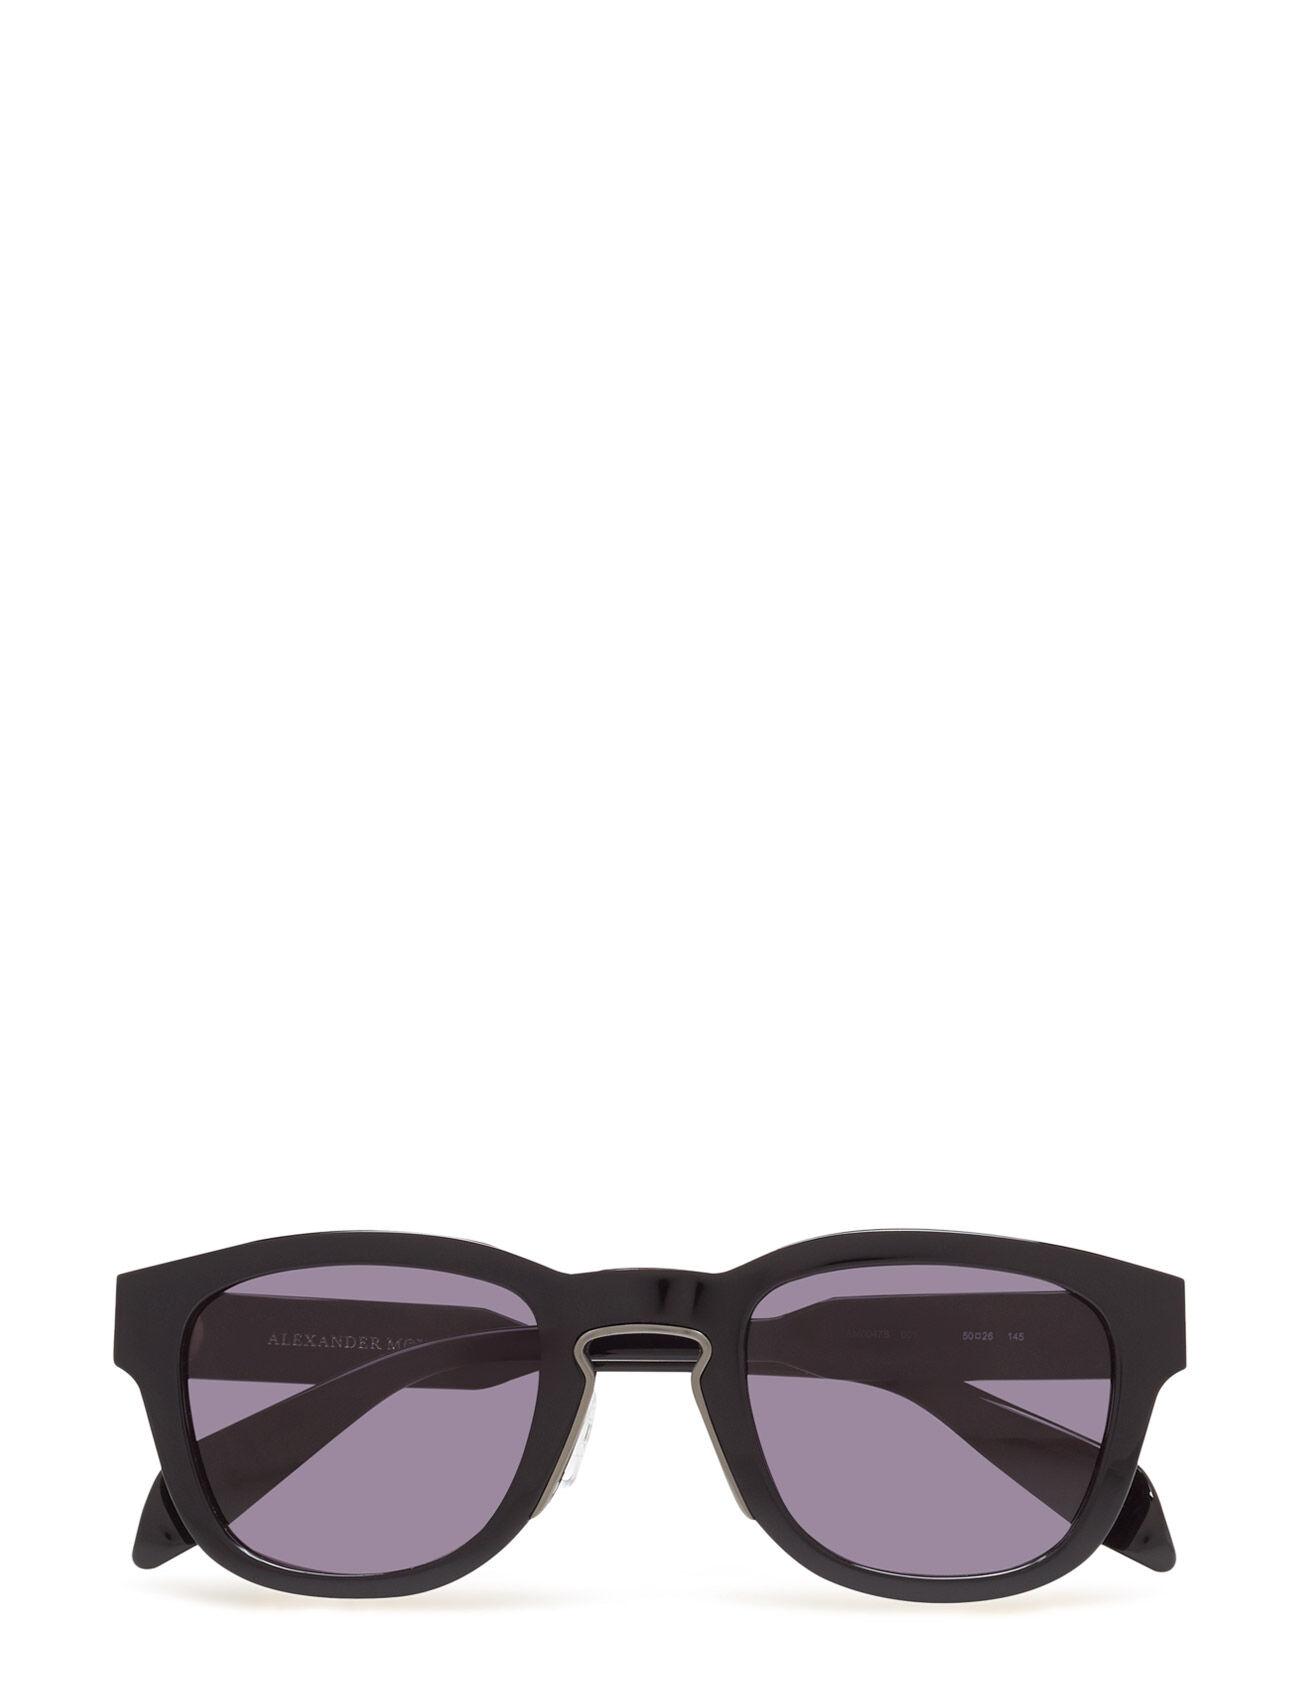 Alexander McQueen Eyewear Am0047s